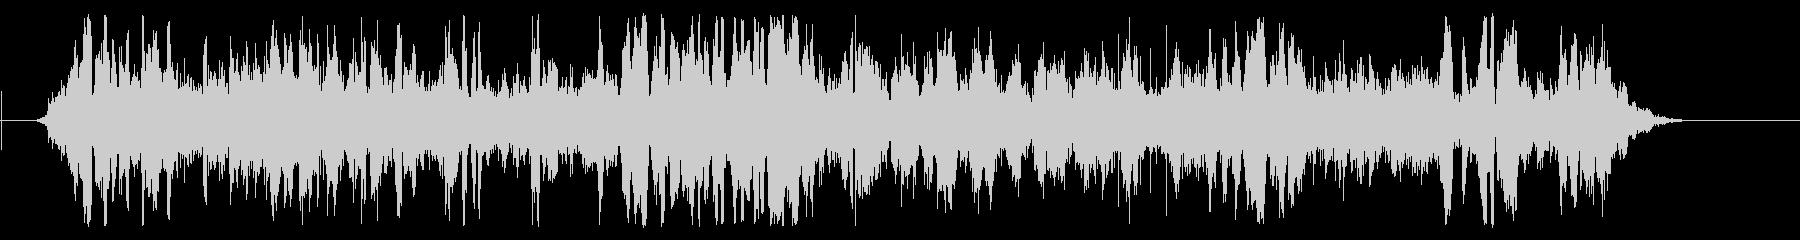 インテリアスチームワゴンの未再生の波形